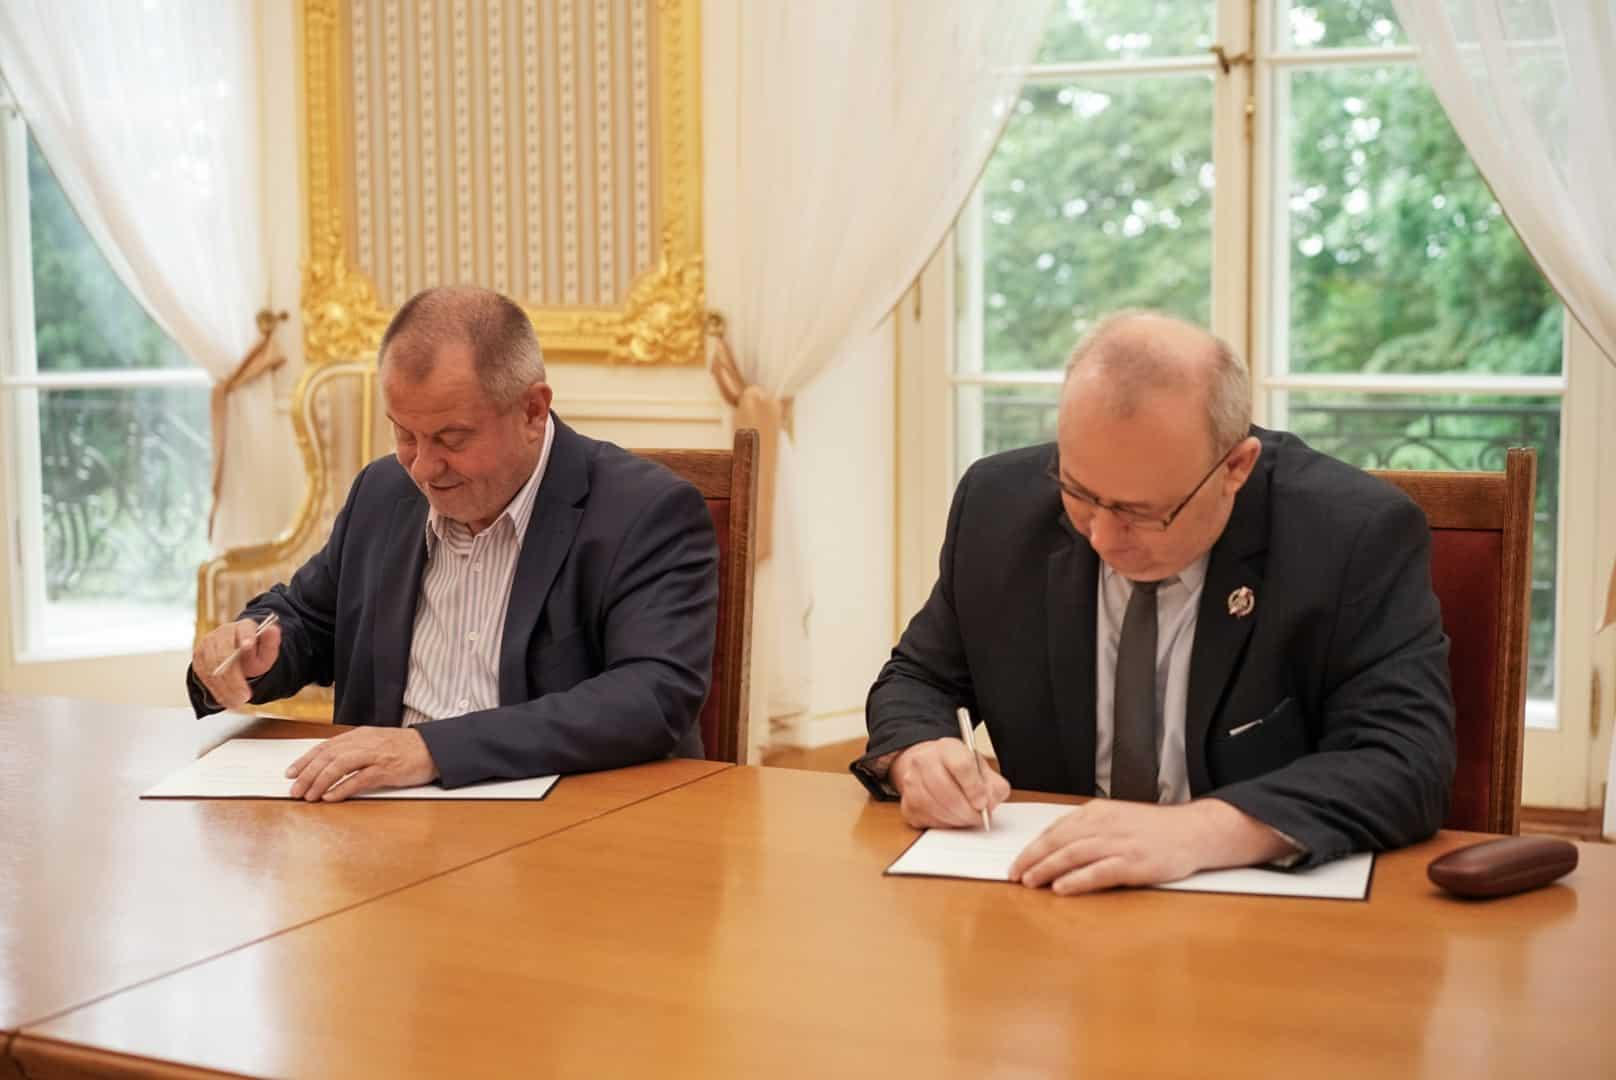 Rektor Uniwersytetu Warszawaskiego i dyrektor Muzeum Wojska Polskiego, ubrani w garnitury, podpisują porozumienie, każdy swój egzemplarz. W wielkiej, złoconej sali